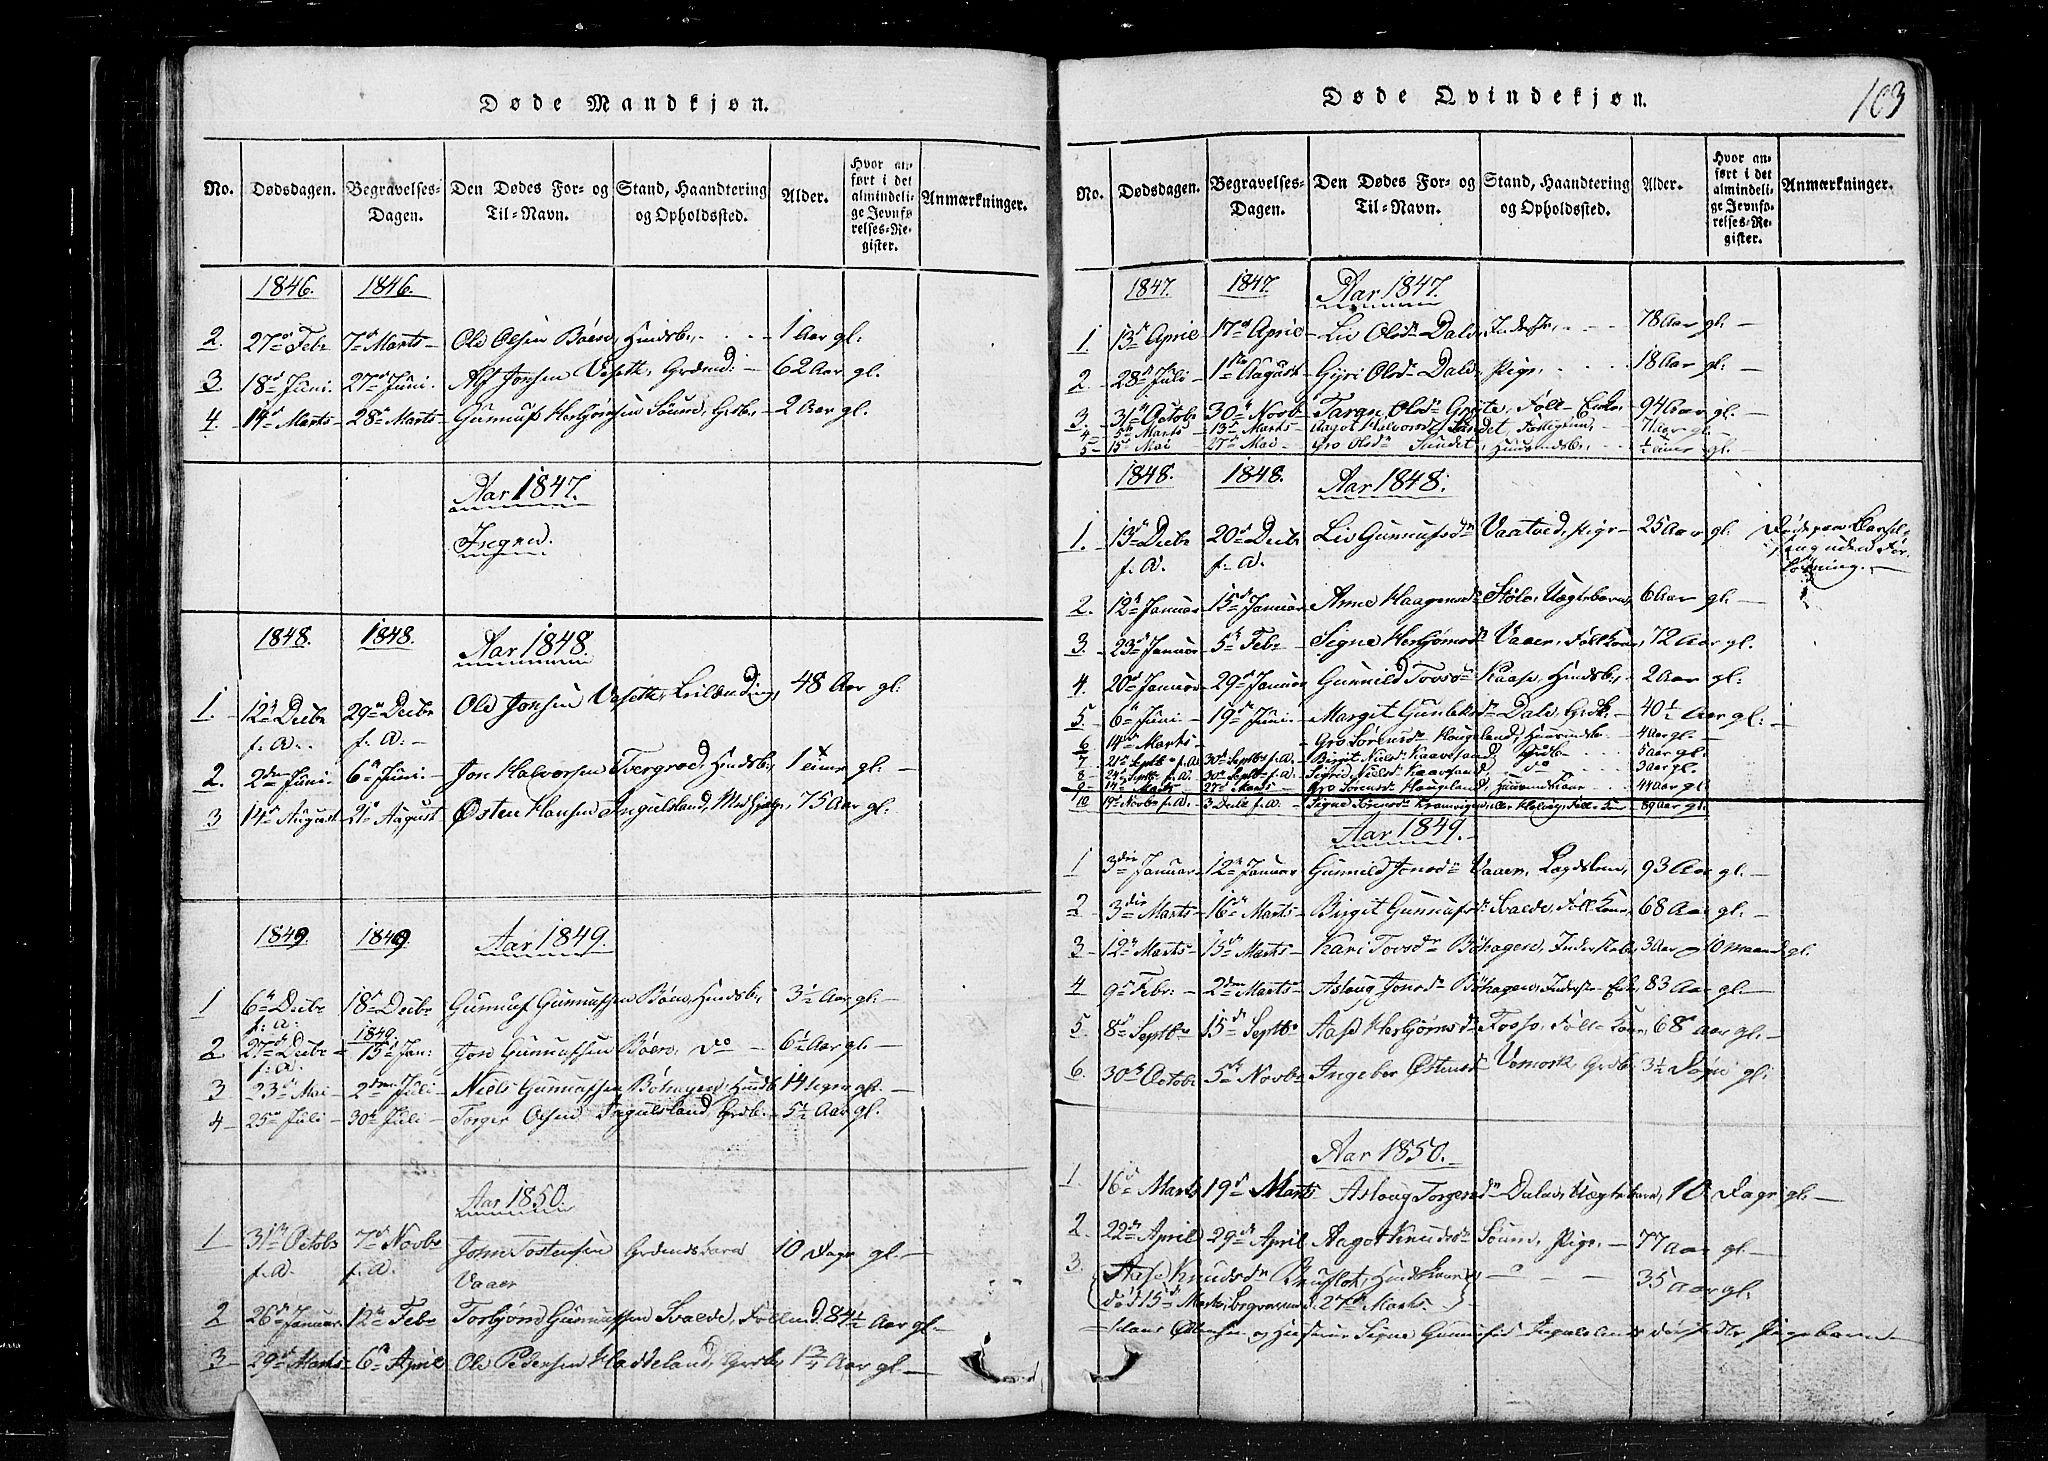 SAKO, Tinn kirkebøker, G/Gc/L0001: Klokkerbok nr. III 1, 1815-1879, s. 103